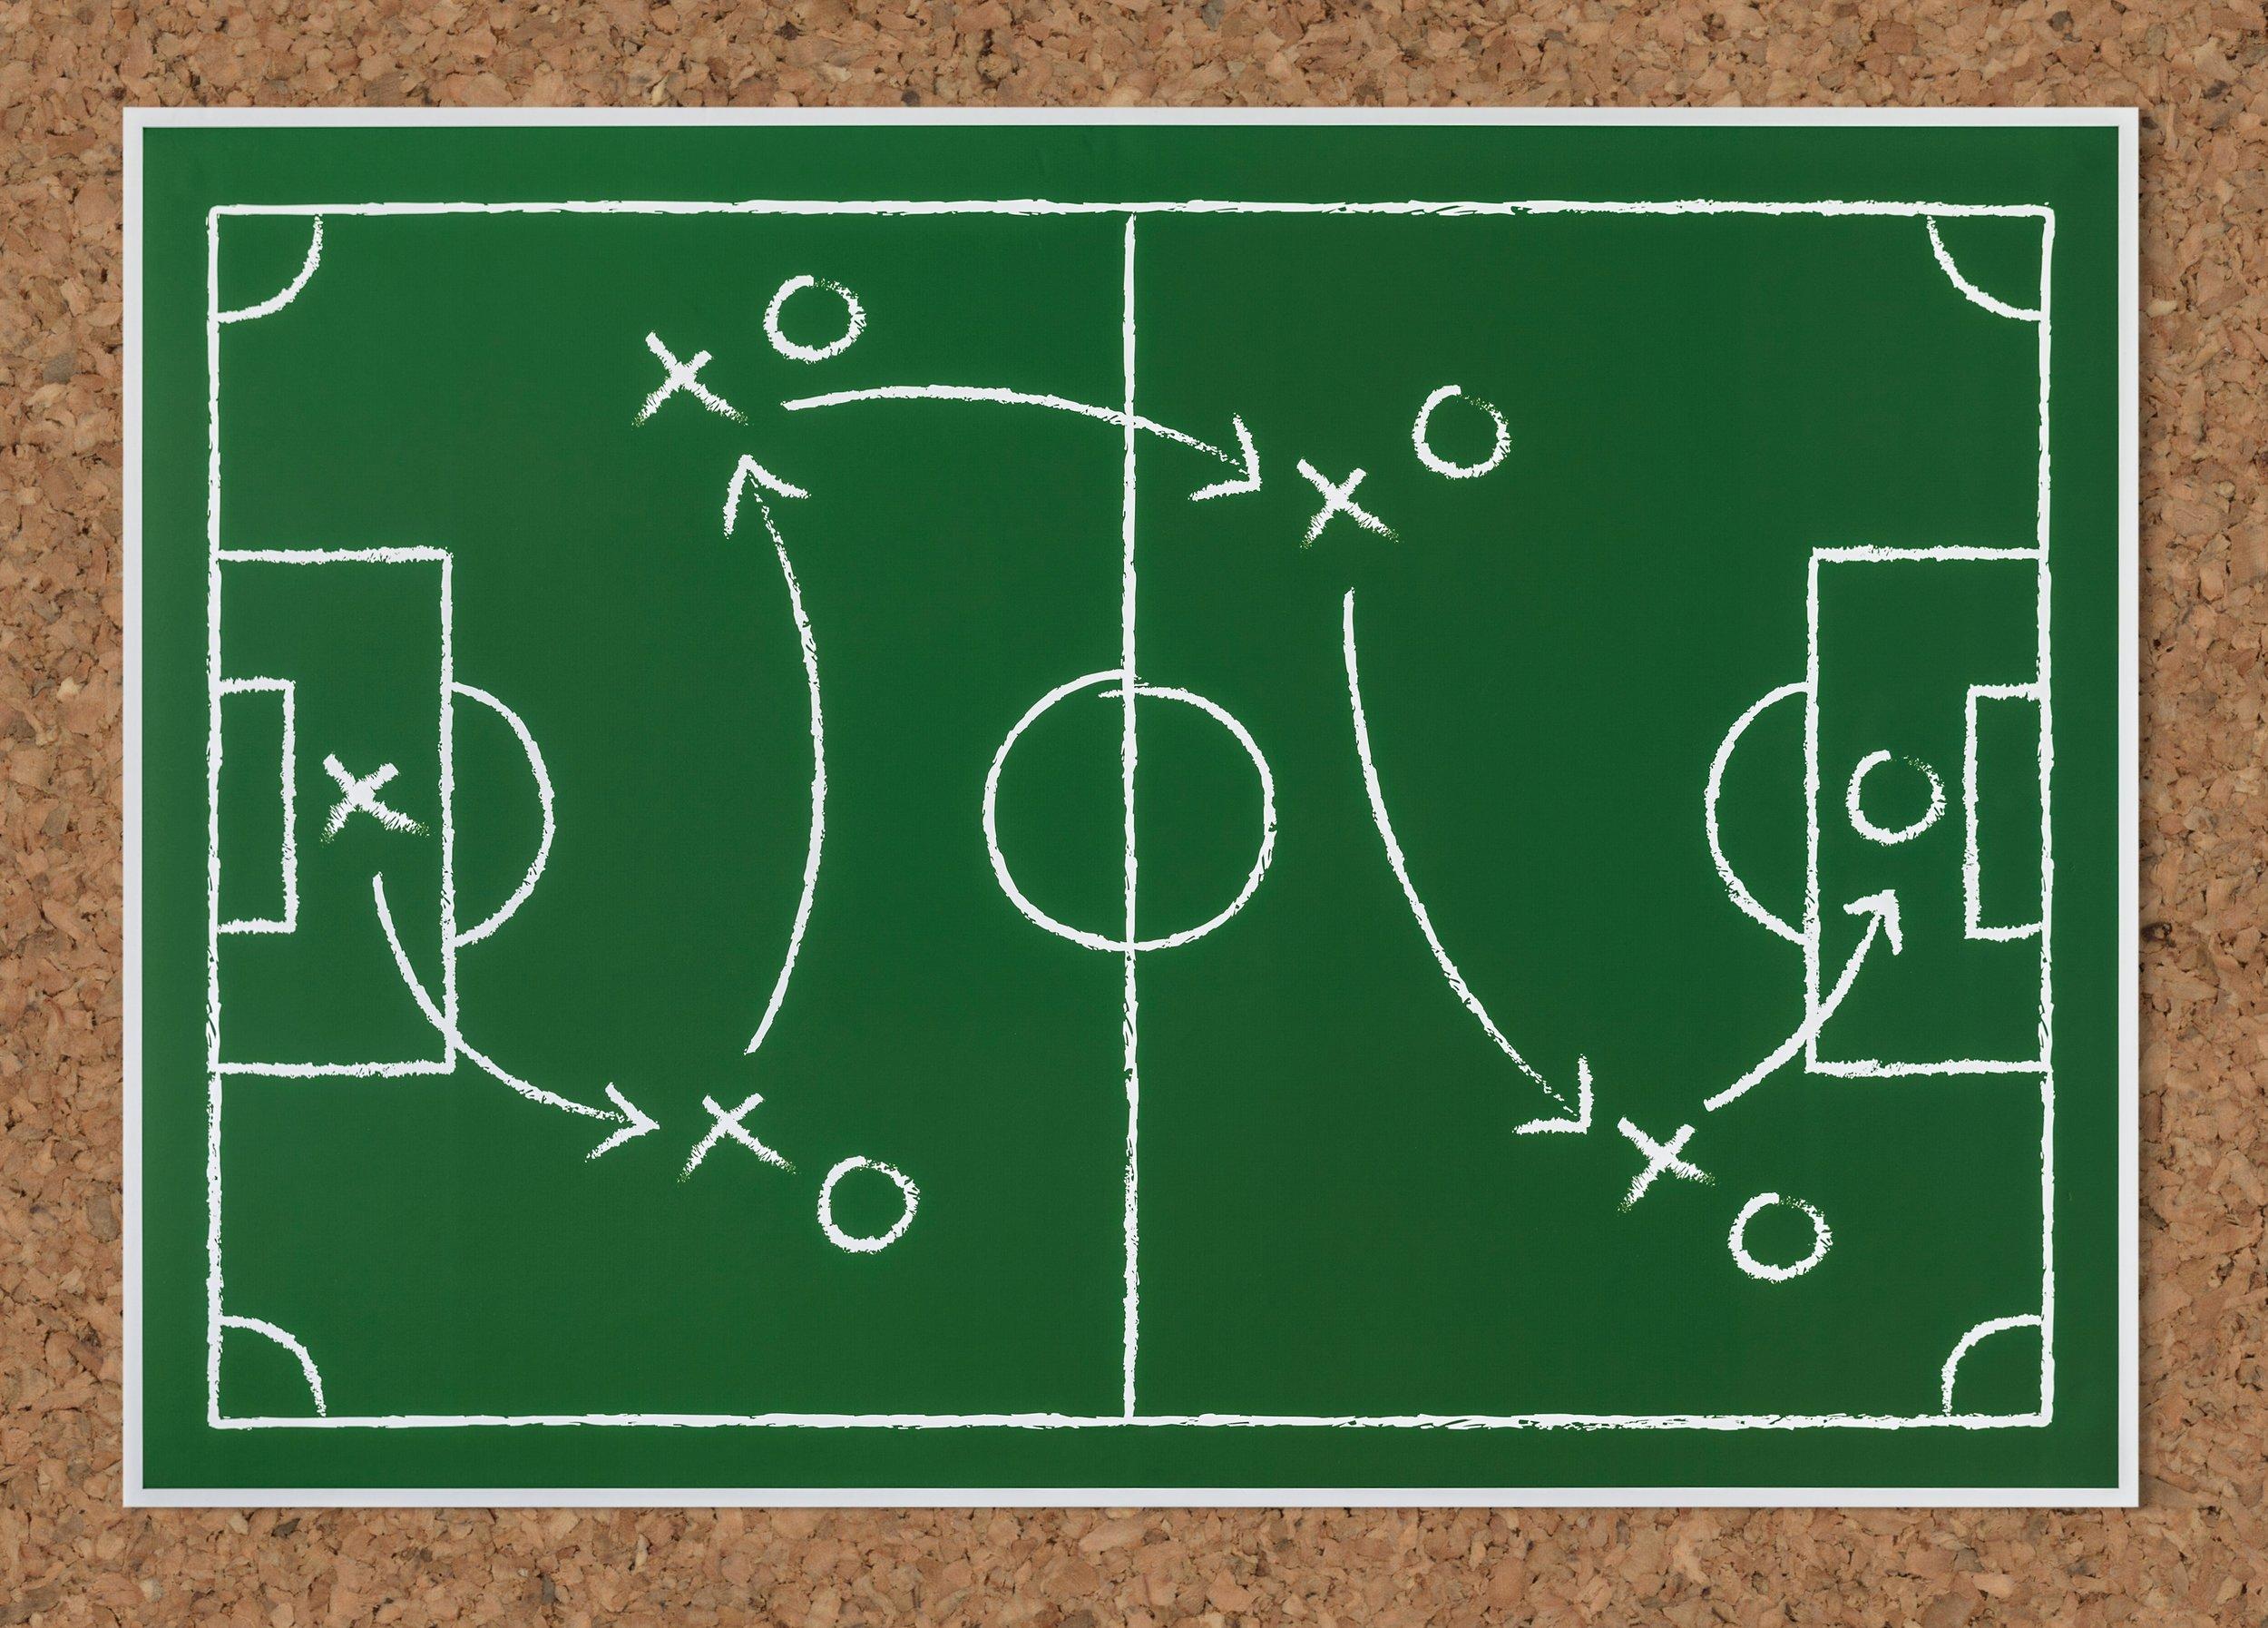 action-arrangement-board-1374548.jpg